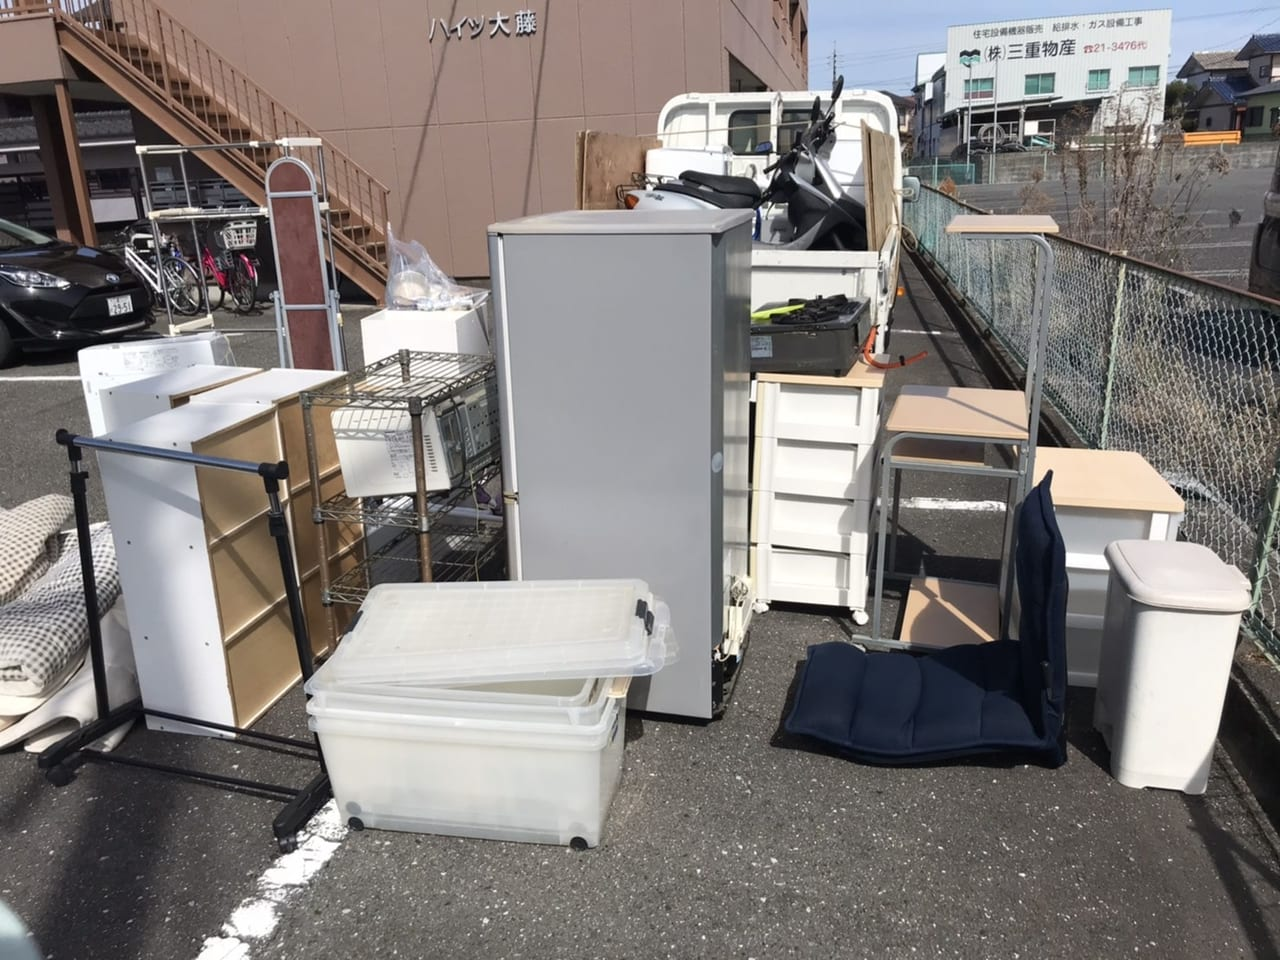 香川県高松市周辺のS様不用品回収前画像